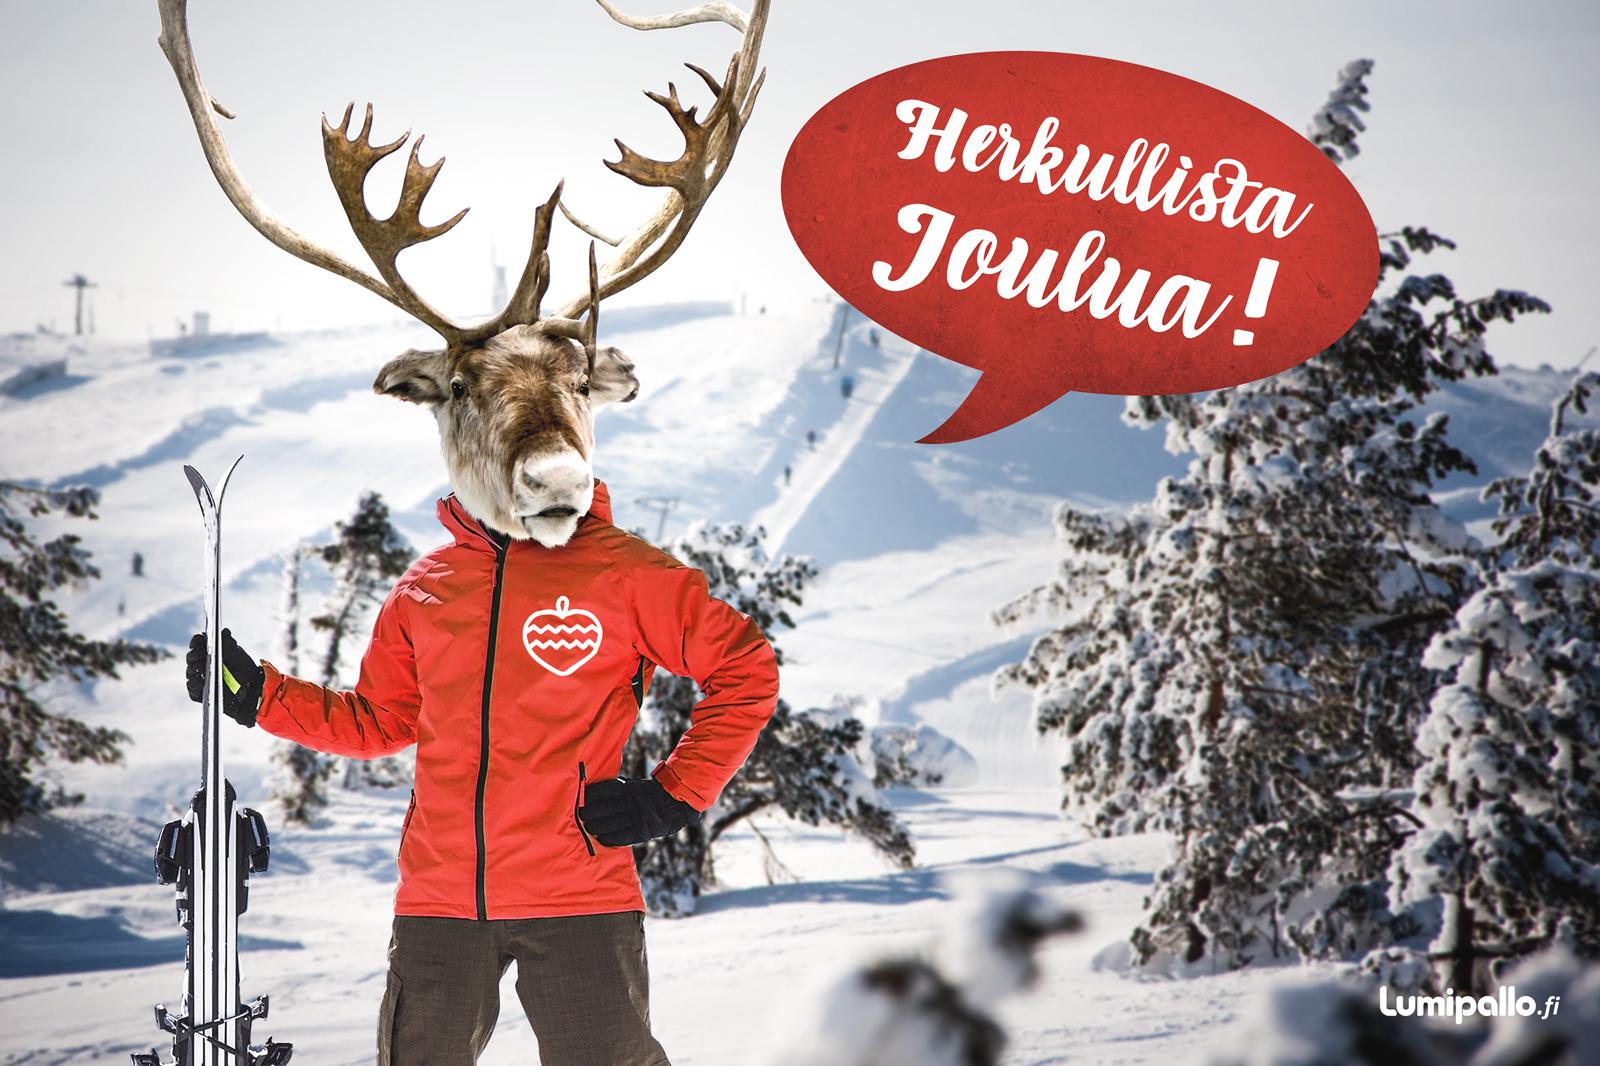 Poro toivottaa herkullista joulua!